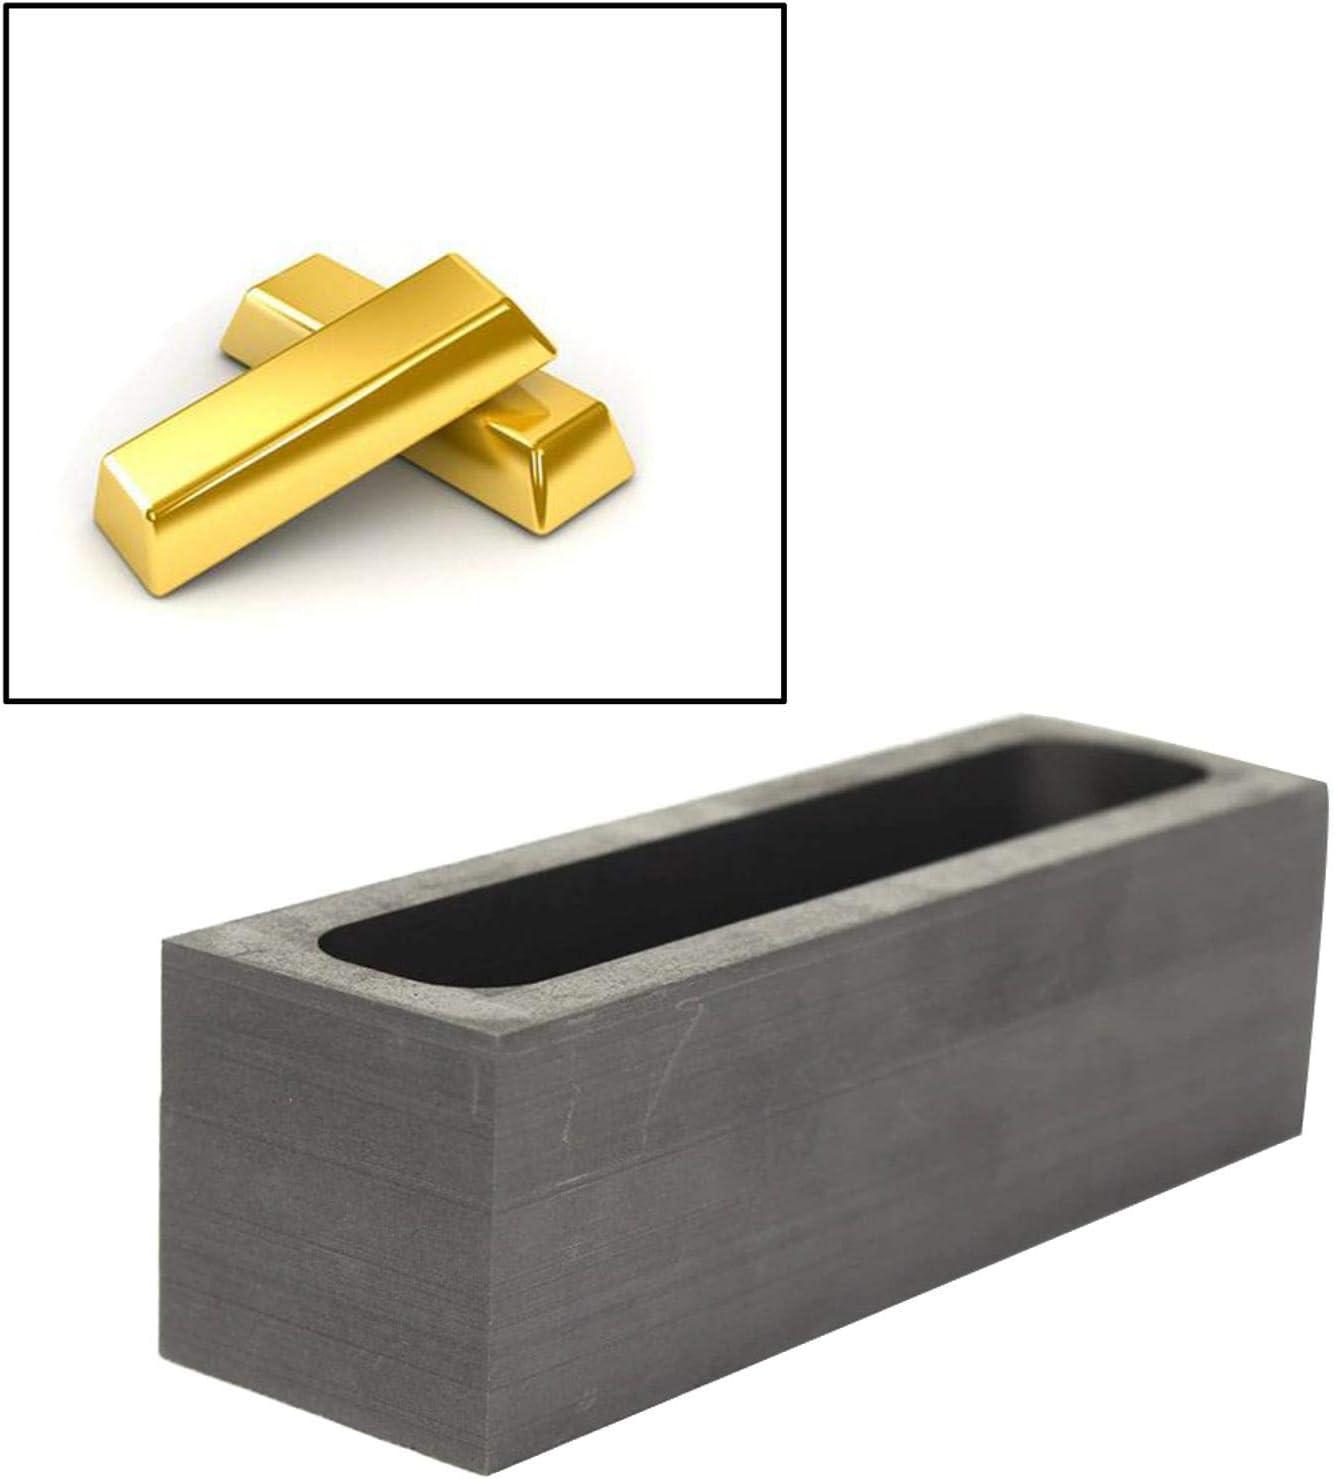 Sharplace Graphit Barren Form Metall Casting Form 100x30x30mm Schmelzen Tiegel Ofen f/ür Gold Silber Aluminium Kupfer Messing Zink Legierung Metalle